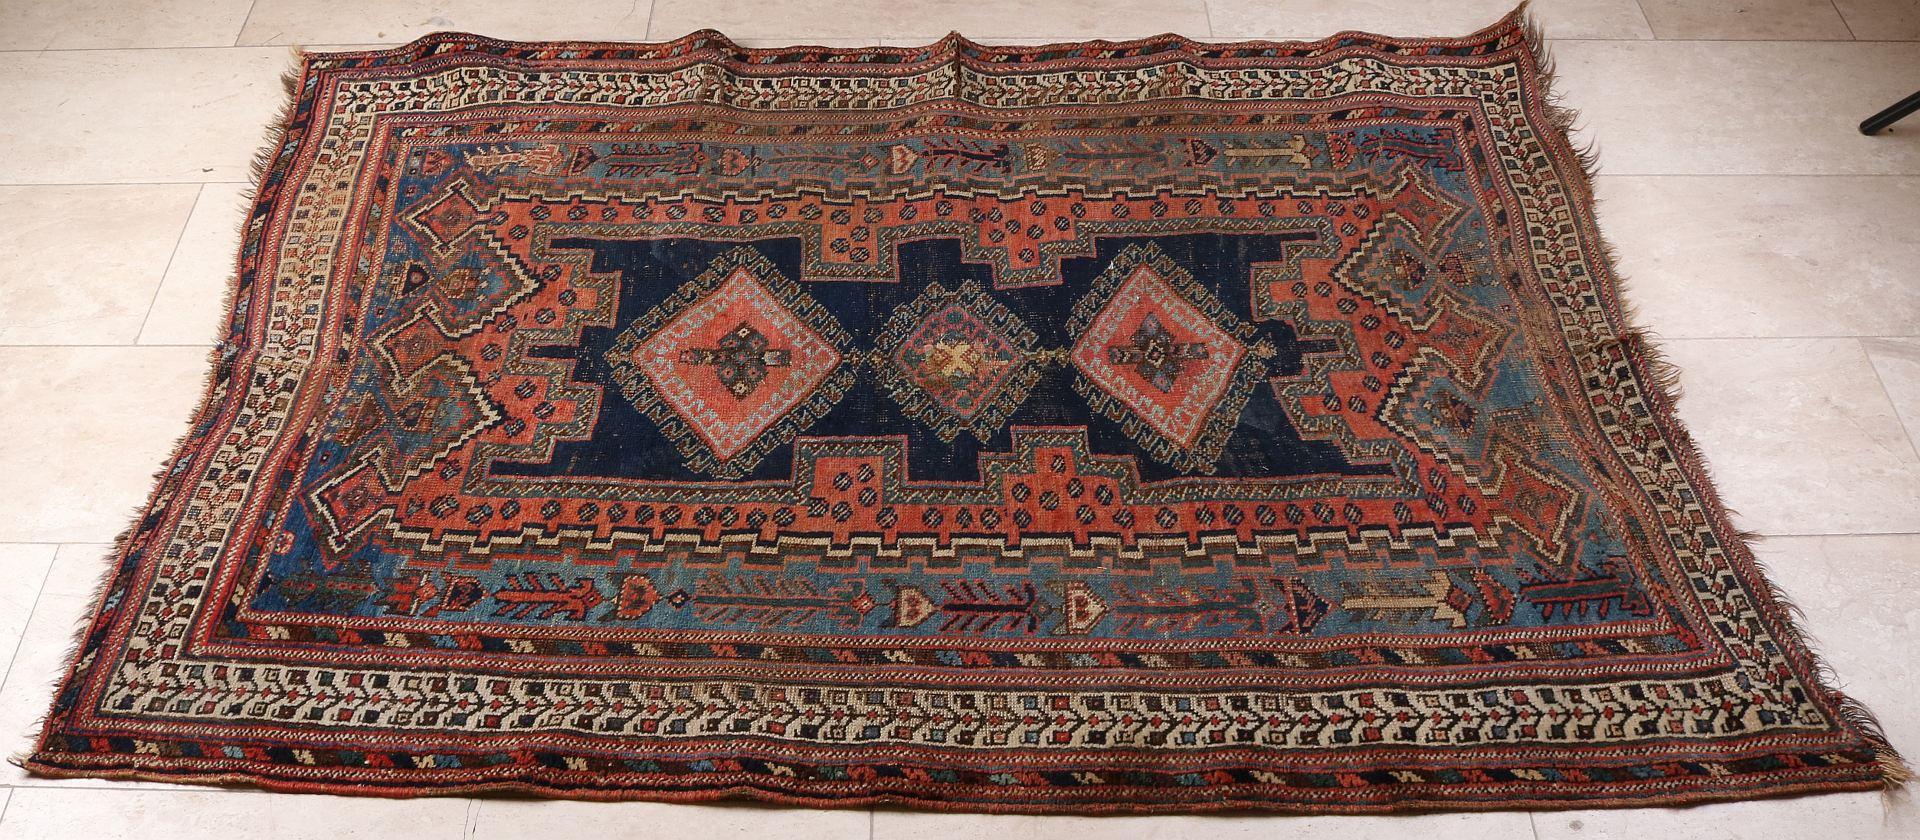 Oud Perzisch tapijt, 175 x 120 cm